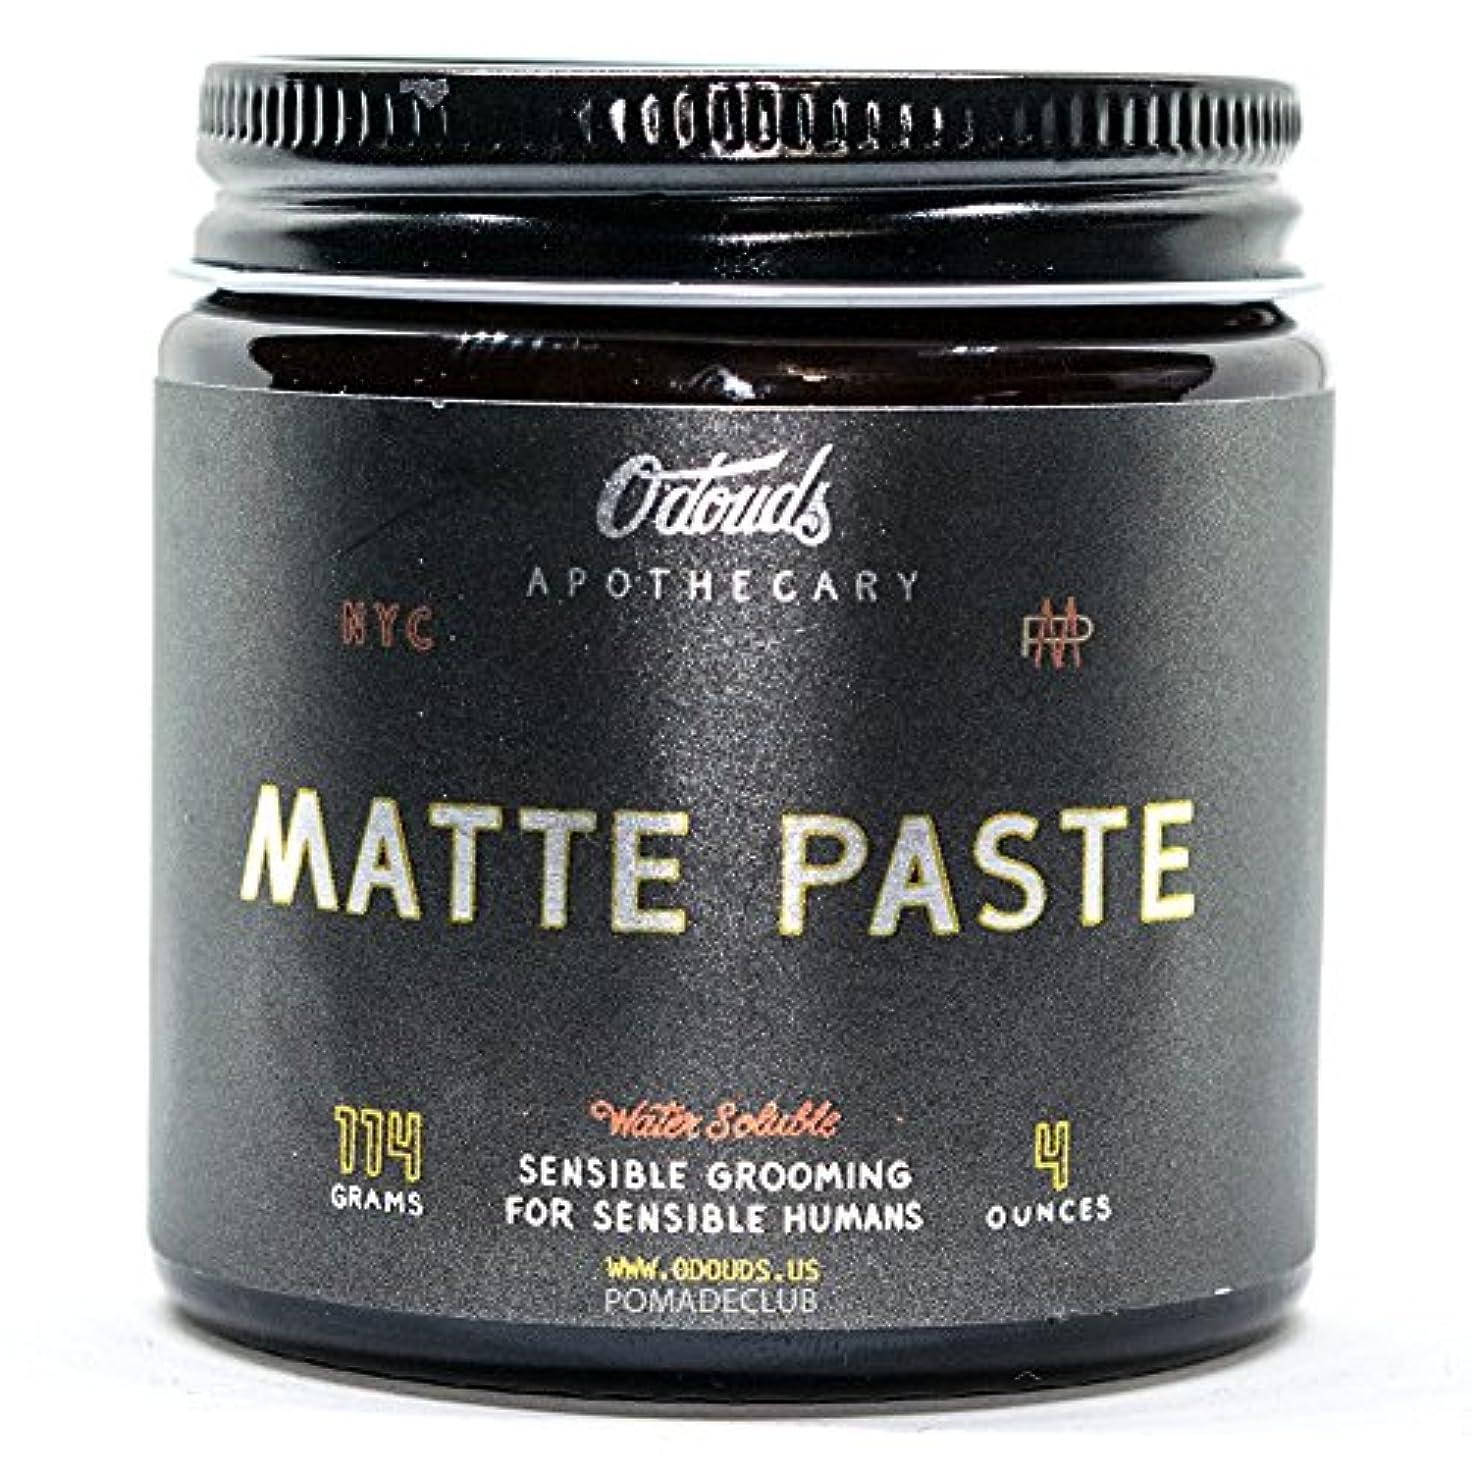 住居押し下げる相反するO'Douds (オダウズ) マットペースト MATTE PASTE メンズ 整髪料 水性 ポマード ヘアグリース ヘアワックス クリームタイプ ツヤなし ストロングホールド